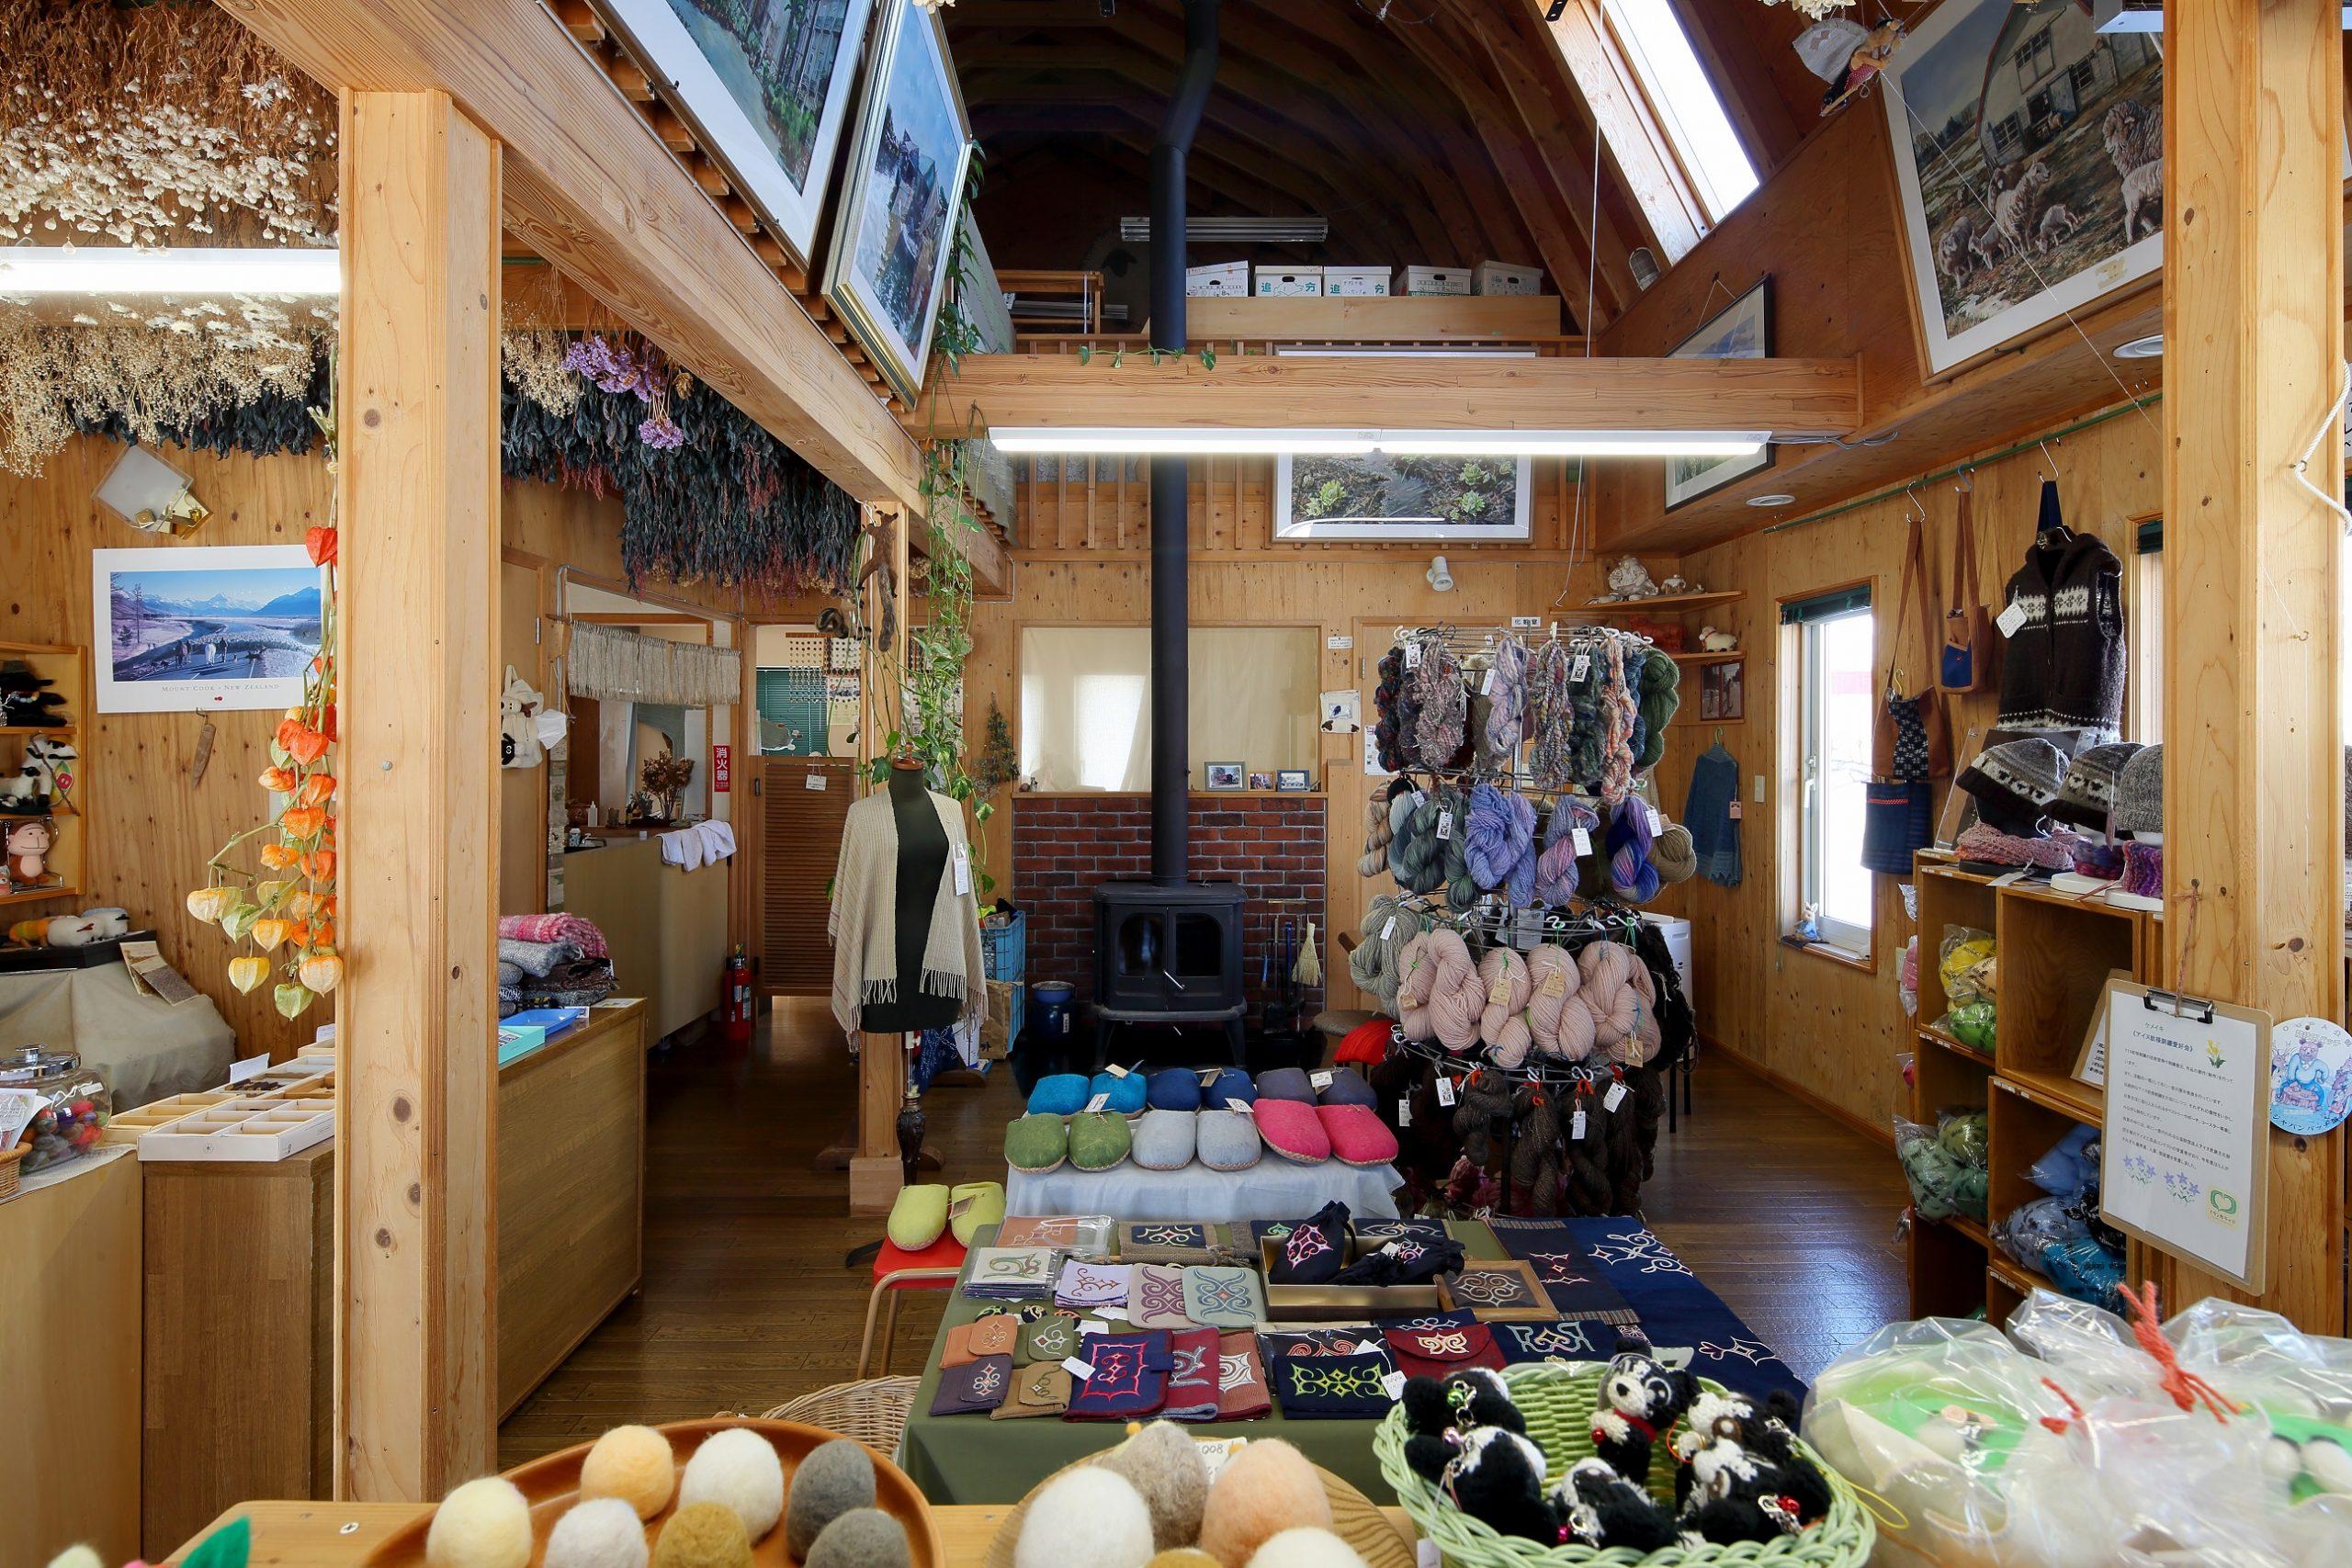 スピナーズファームタナカ産の羊毛、手紡ぎ毛糸や、羊毛作品を販売しています。(ニット製品のご注文もお受けしています。)